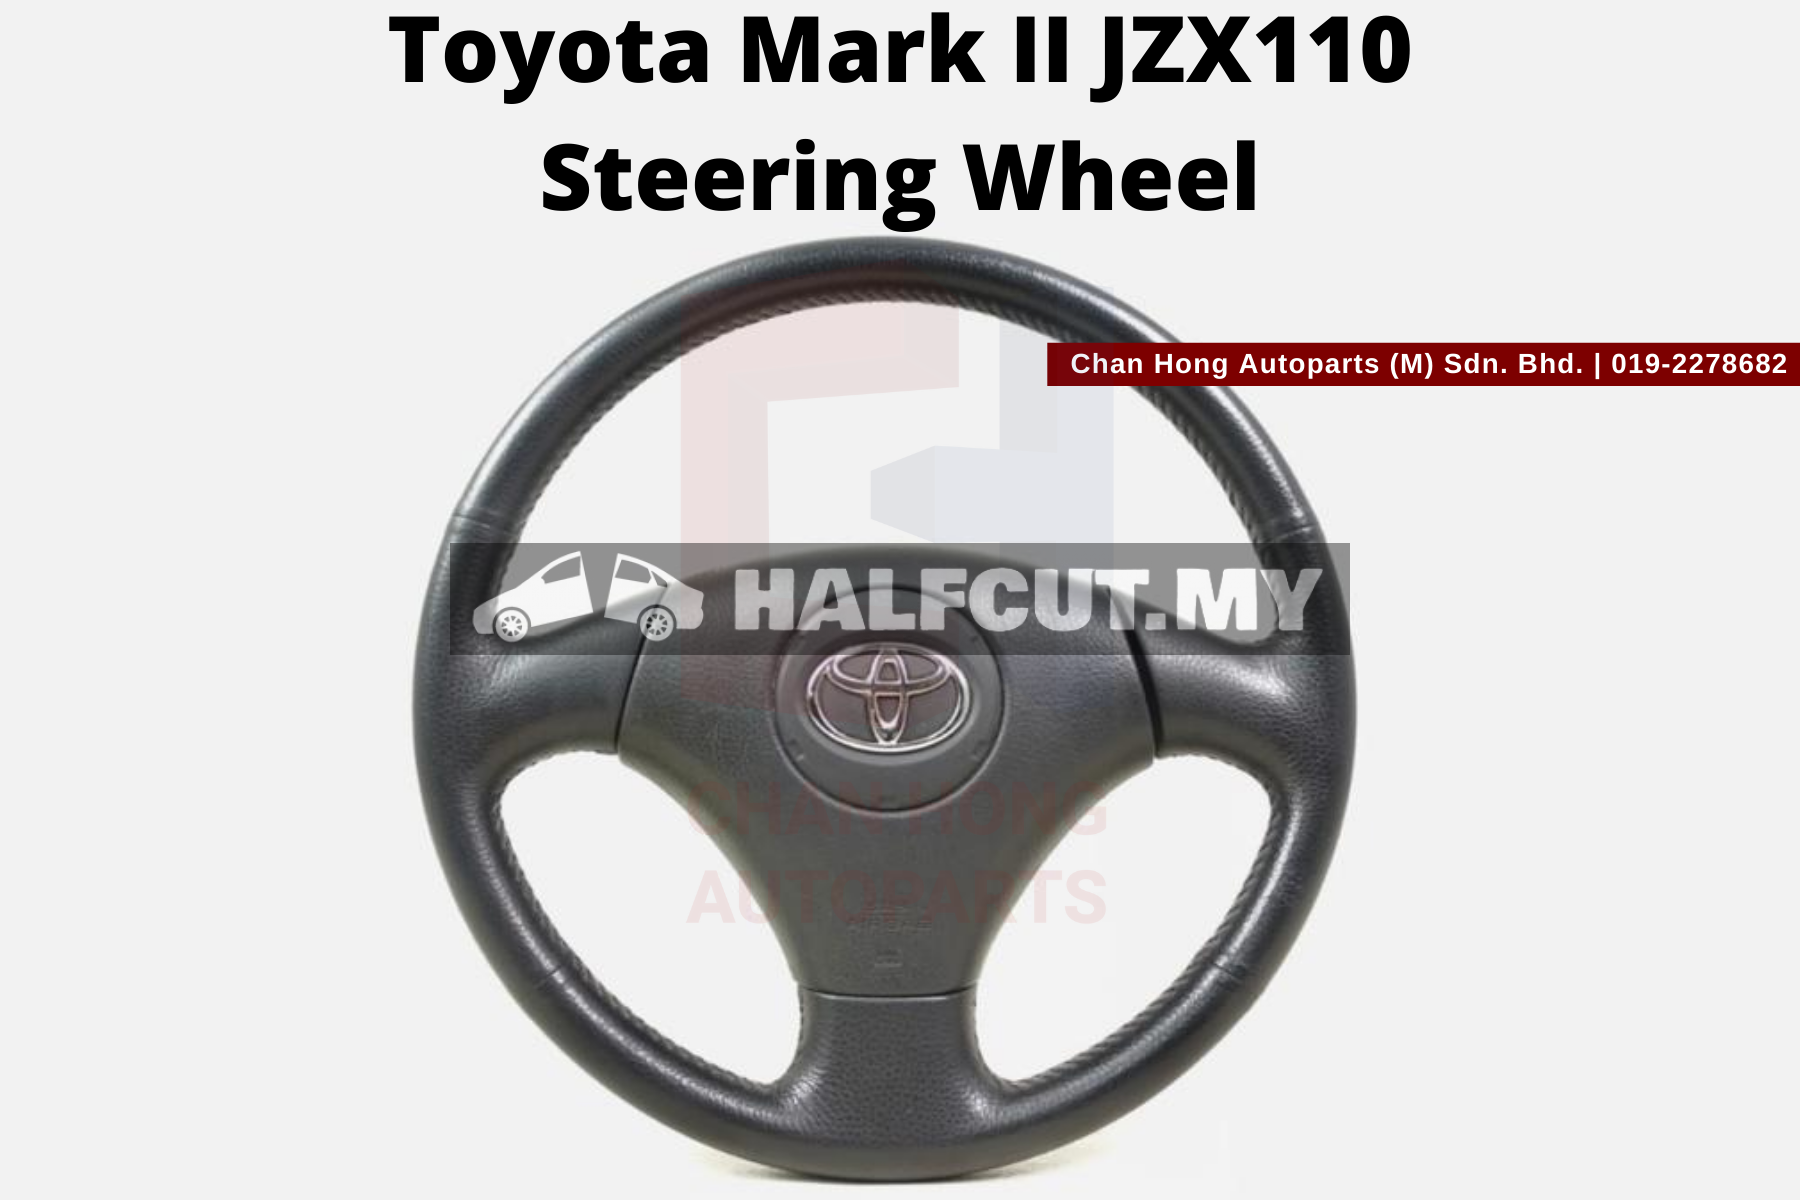 Toyota Mark II JZX110 Steering Wheel